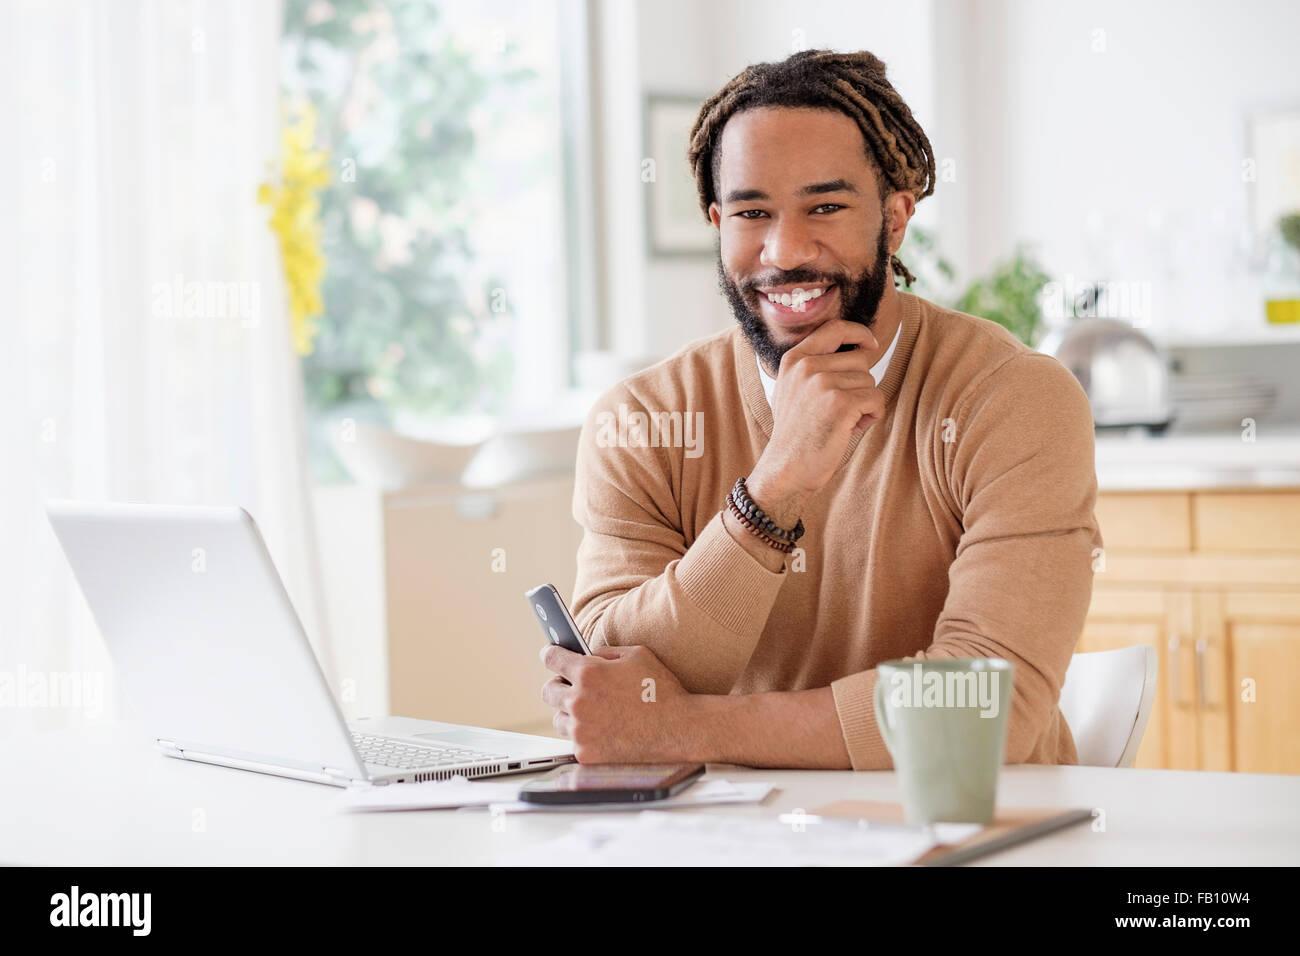 Retrato del joven sonriente con laptop en la mesa Foto de stock